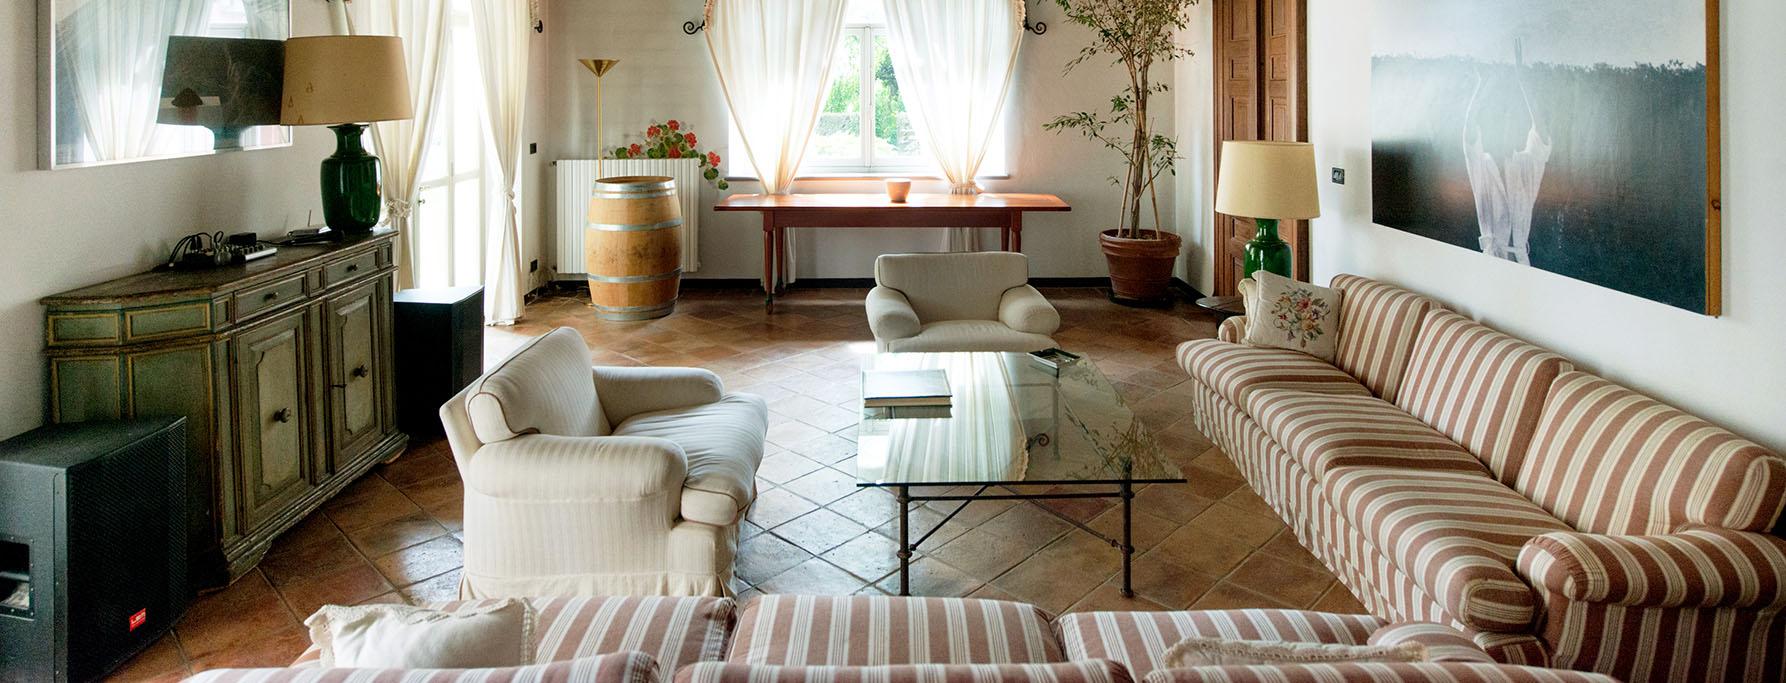 La suite matrimoniale per gli sposi di Villa Fiorita.